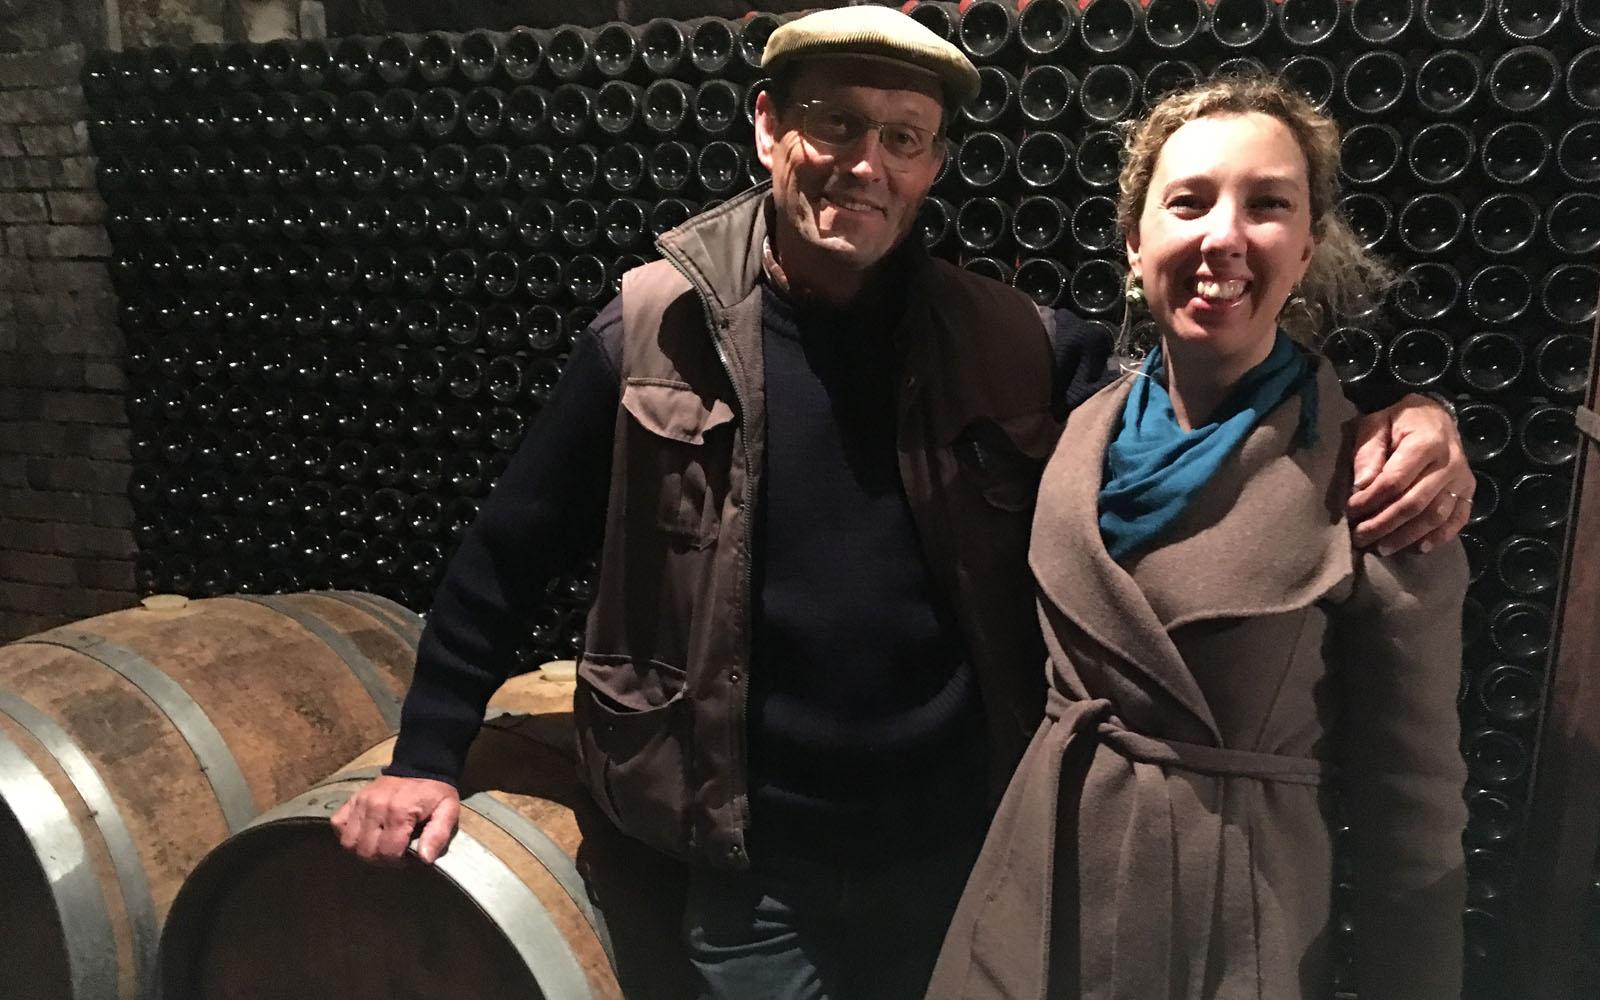 Nella cantina di Bliard, insieme al vigneron.